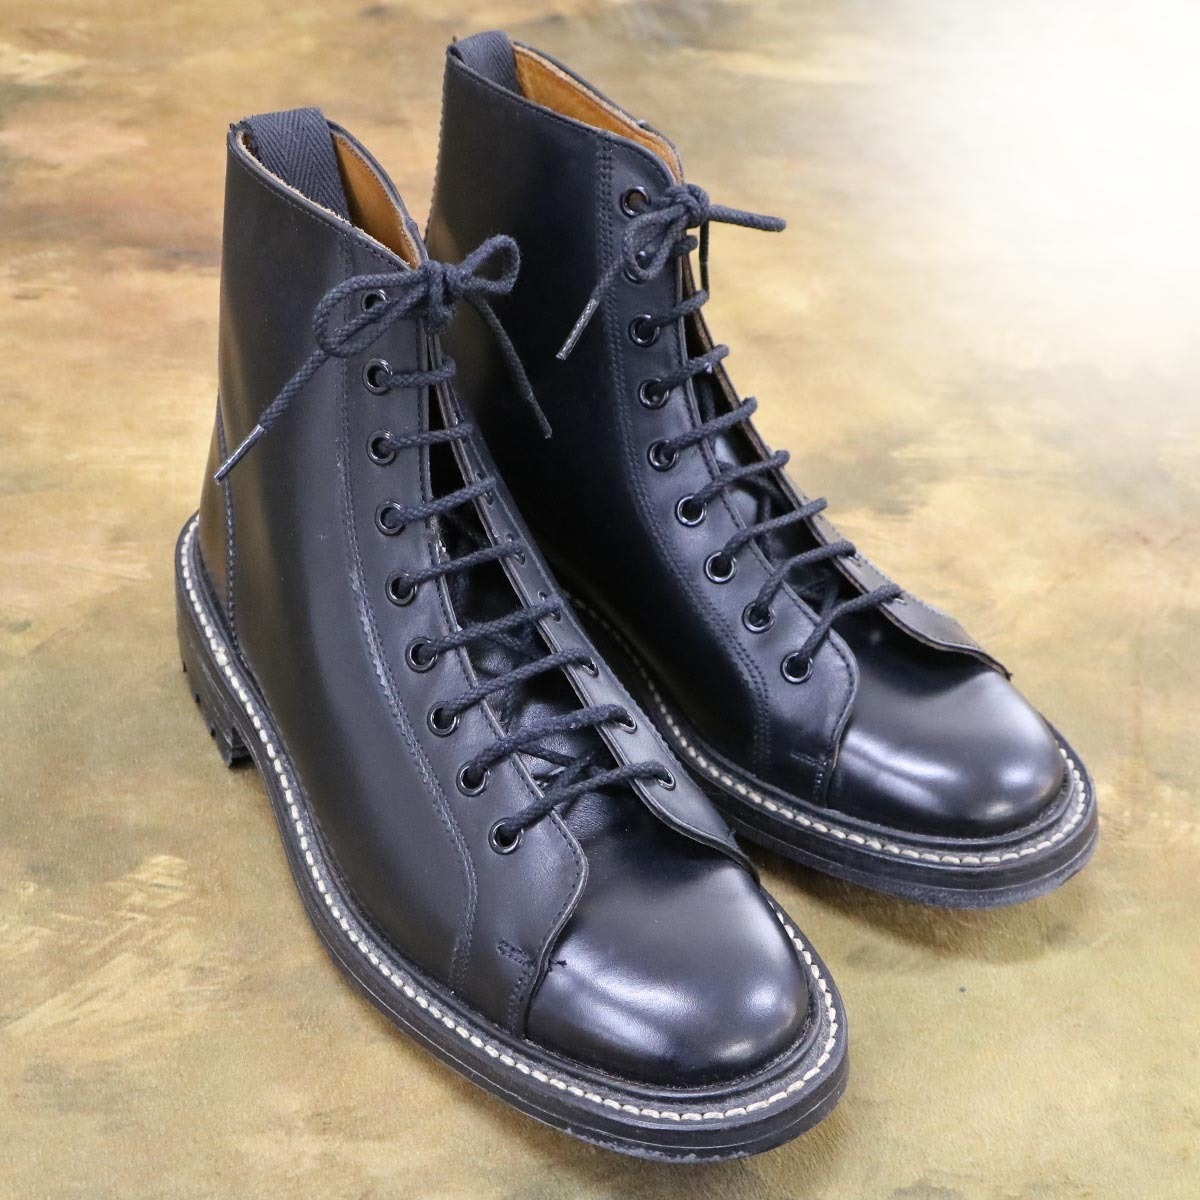 本物 極上品 トリッカーズ 別注品 ポールスミス レースアップ DERBY レザーブーツ ブラック 紳士靴 スニーカー Tricker's_画像2